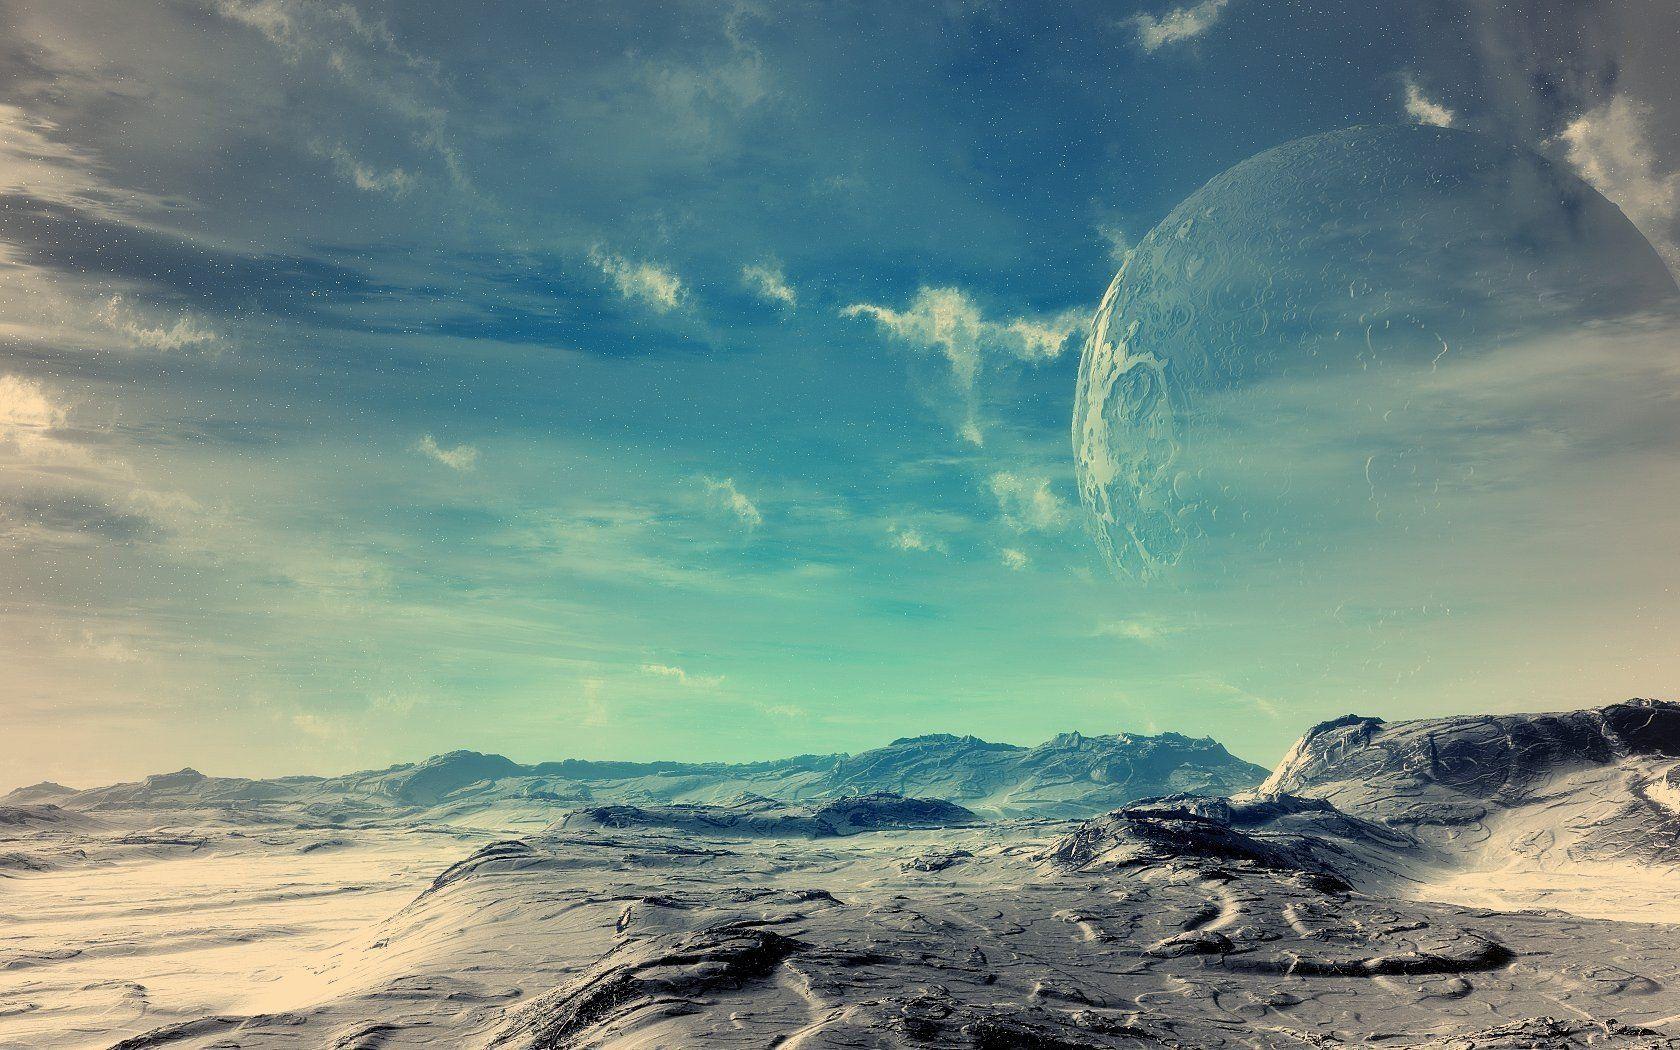 Ученые изменили подход кпоискам внеземной жизни